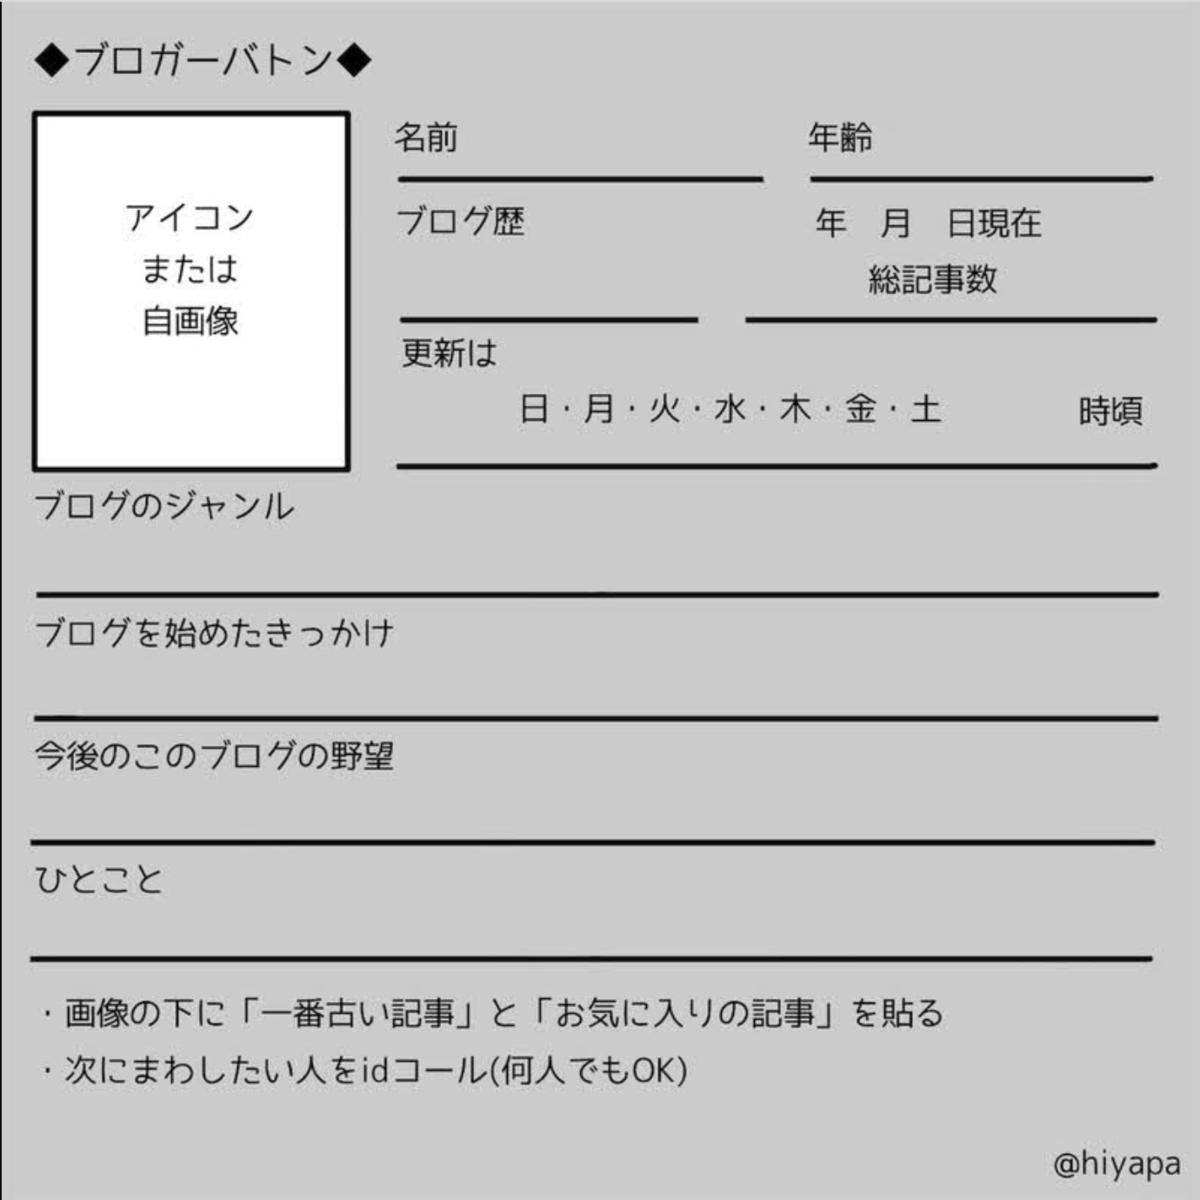 f:id:funyada:20200630200737p:plain